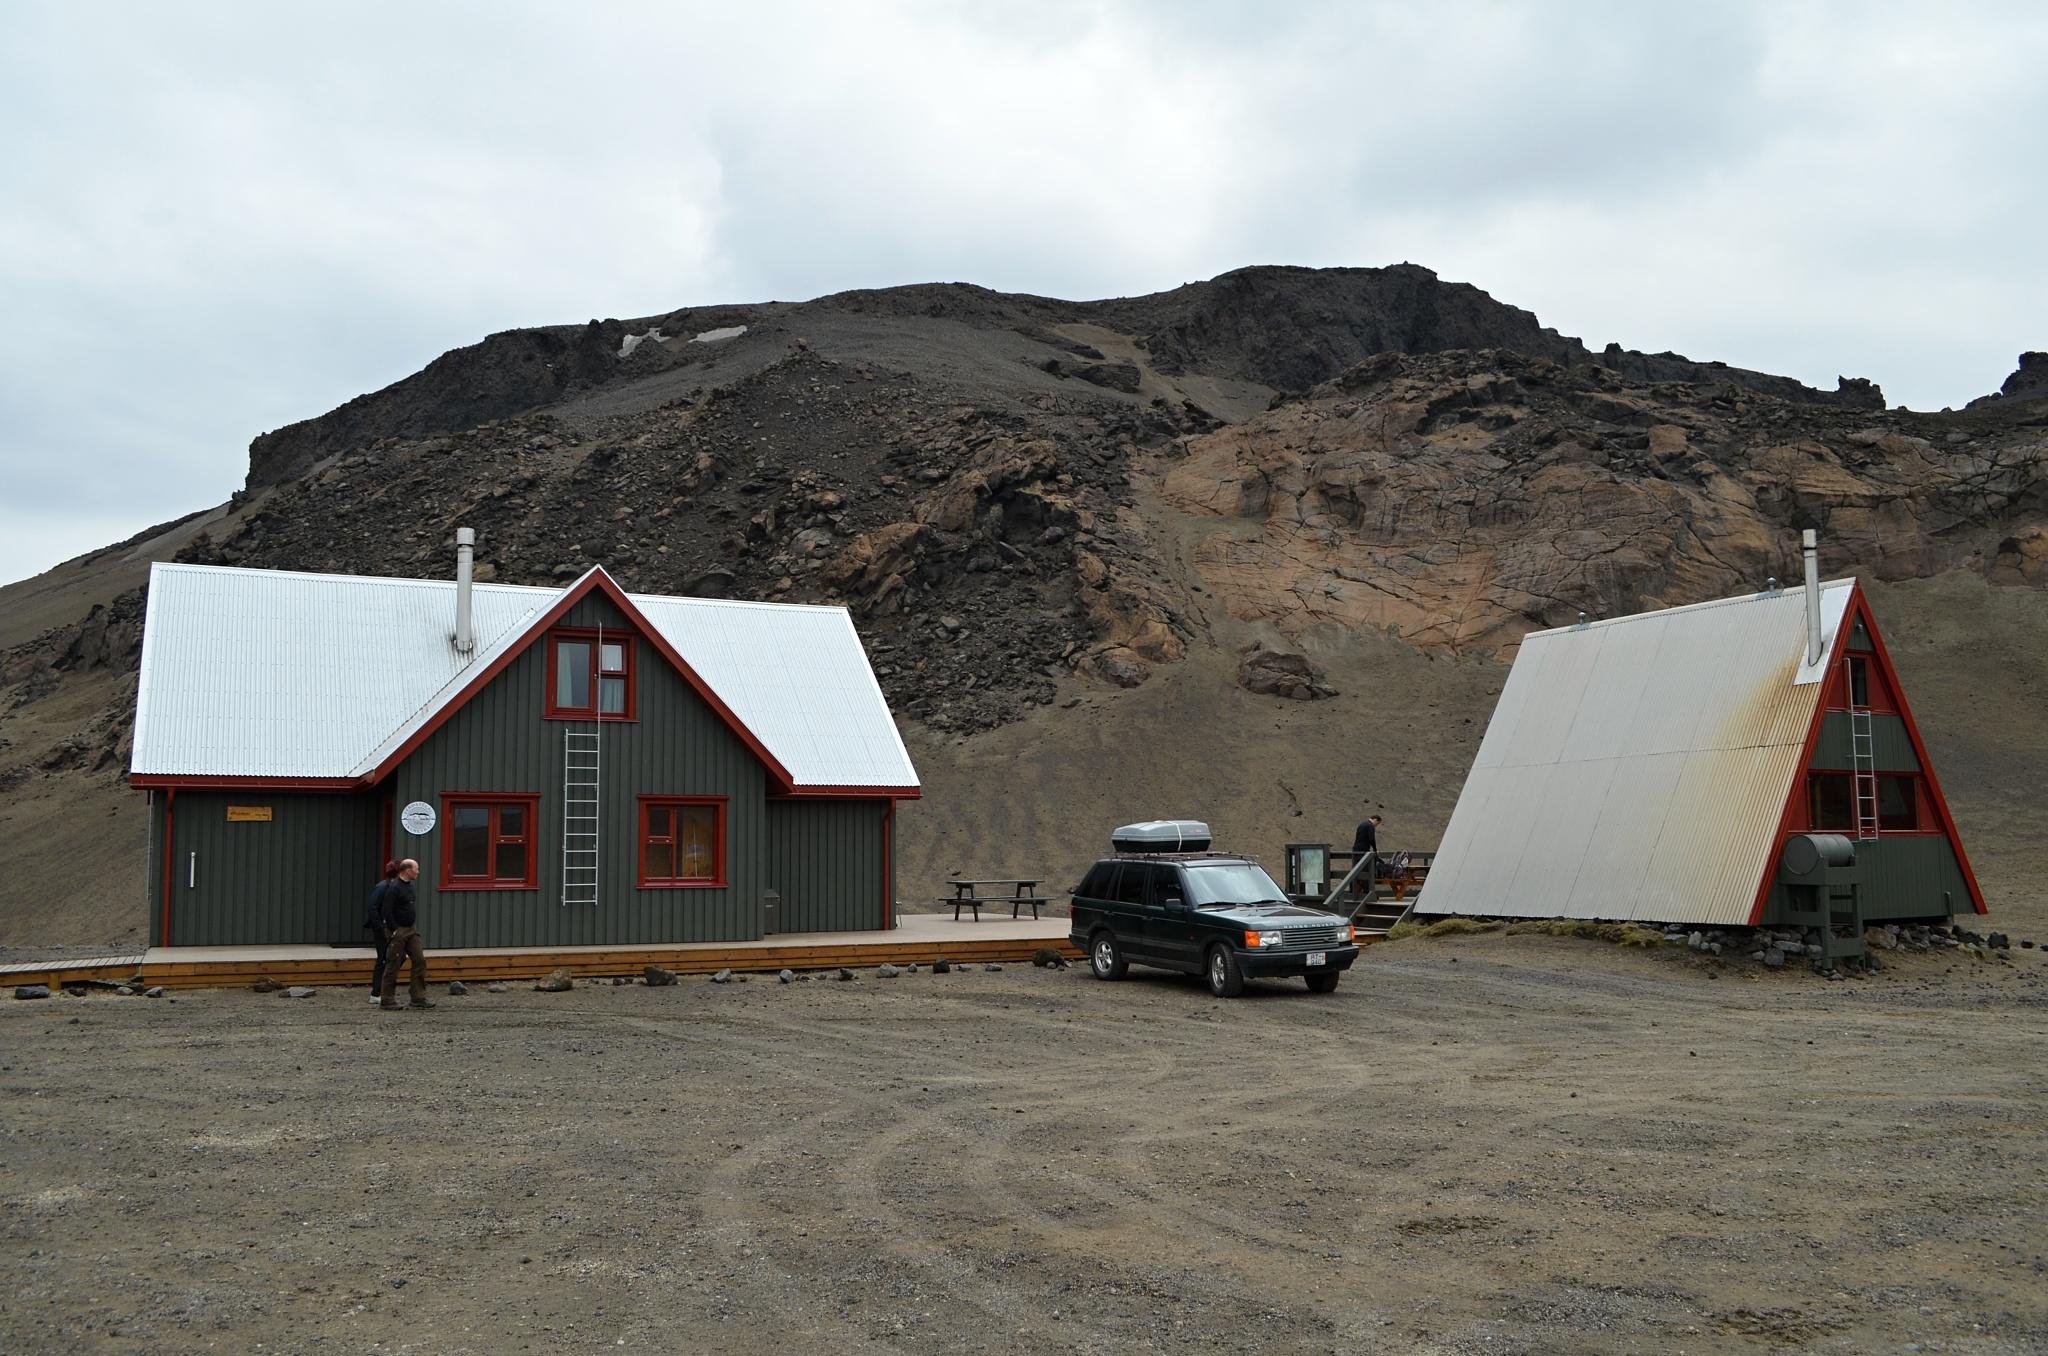 Základní chata a tábořiště u rozeklaného kaňonu Drekagil